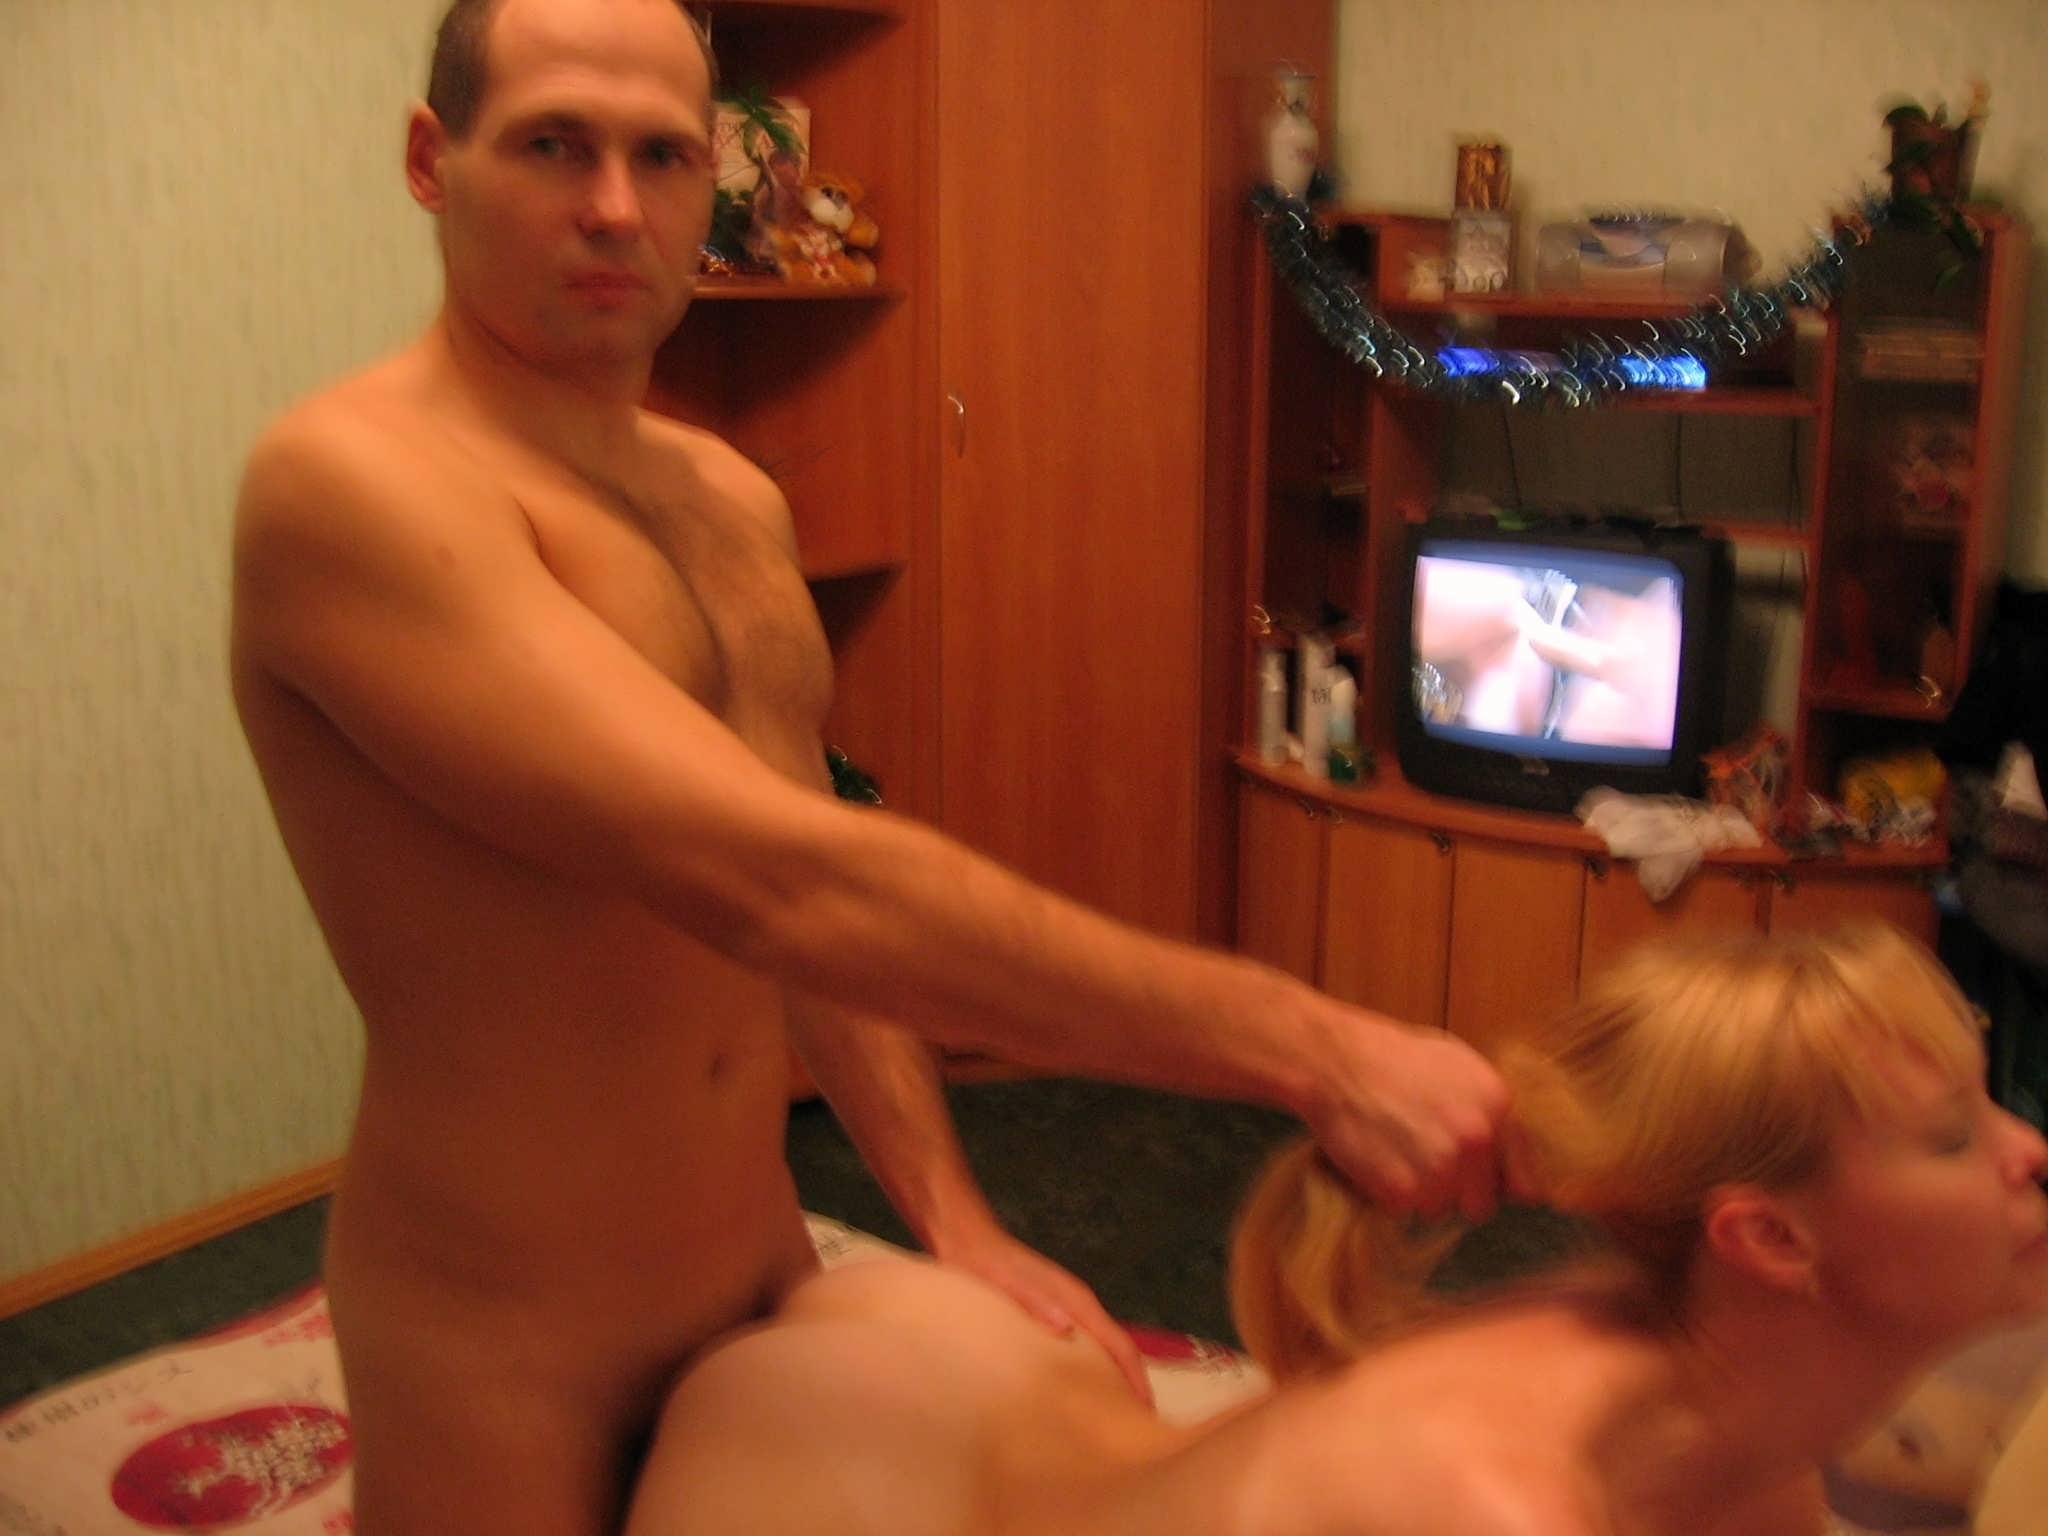 Украденные частные порнофото, Украденные частные интимные фото с женой 4 фотография